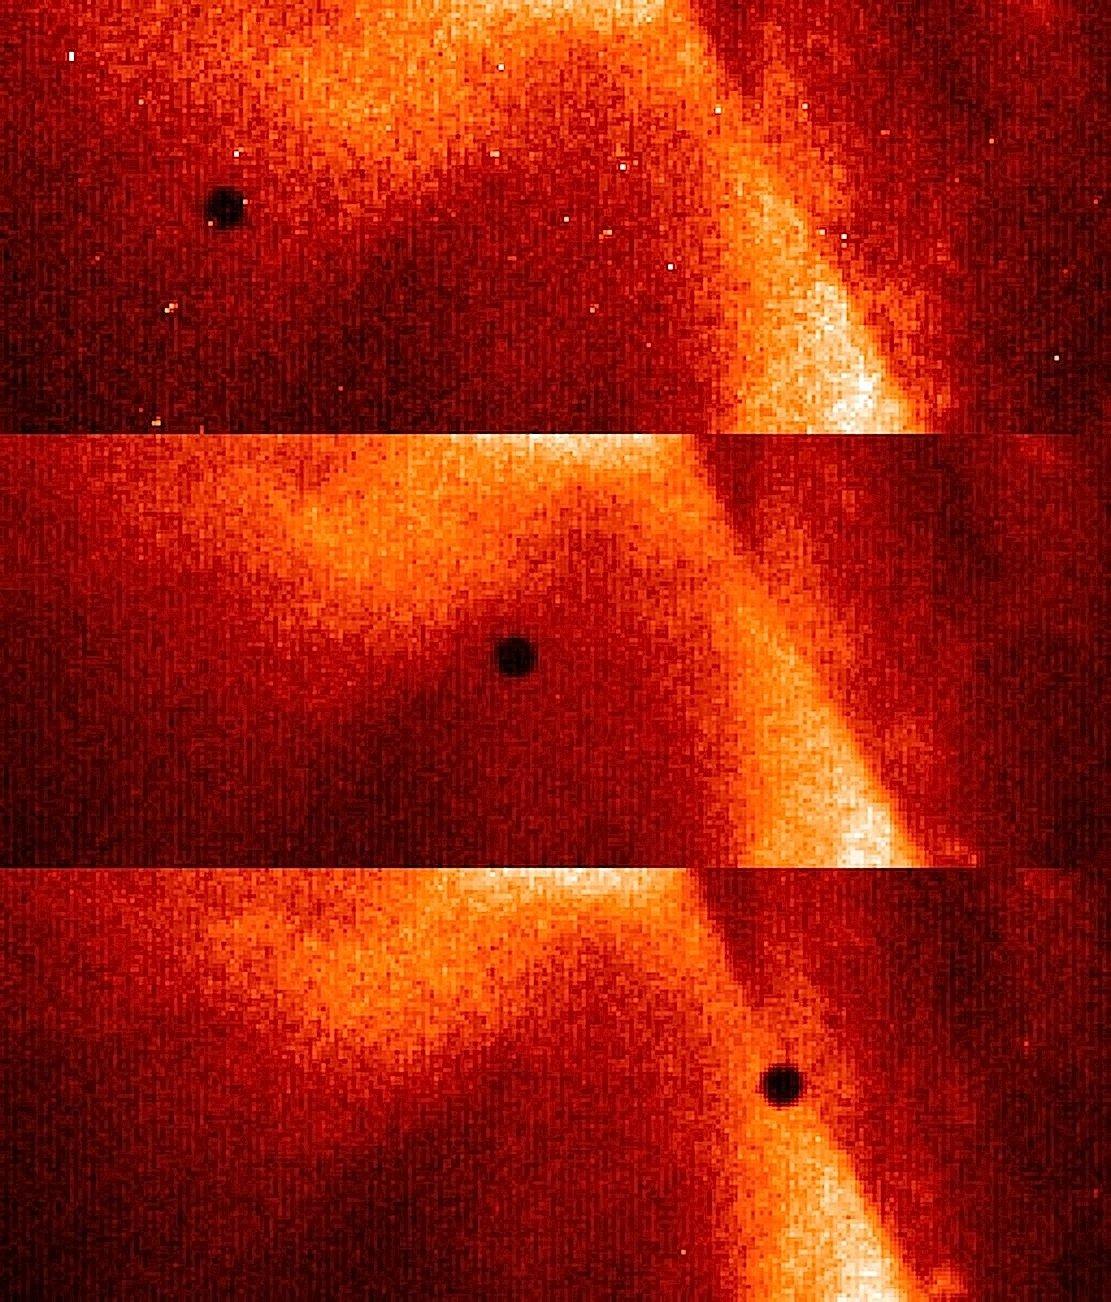 Bilder des Merkurtransits im Jahr 2006 vor der Sonne.